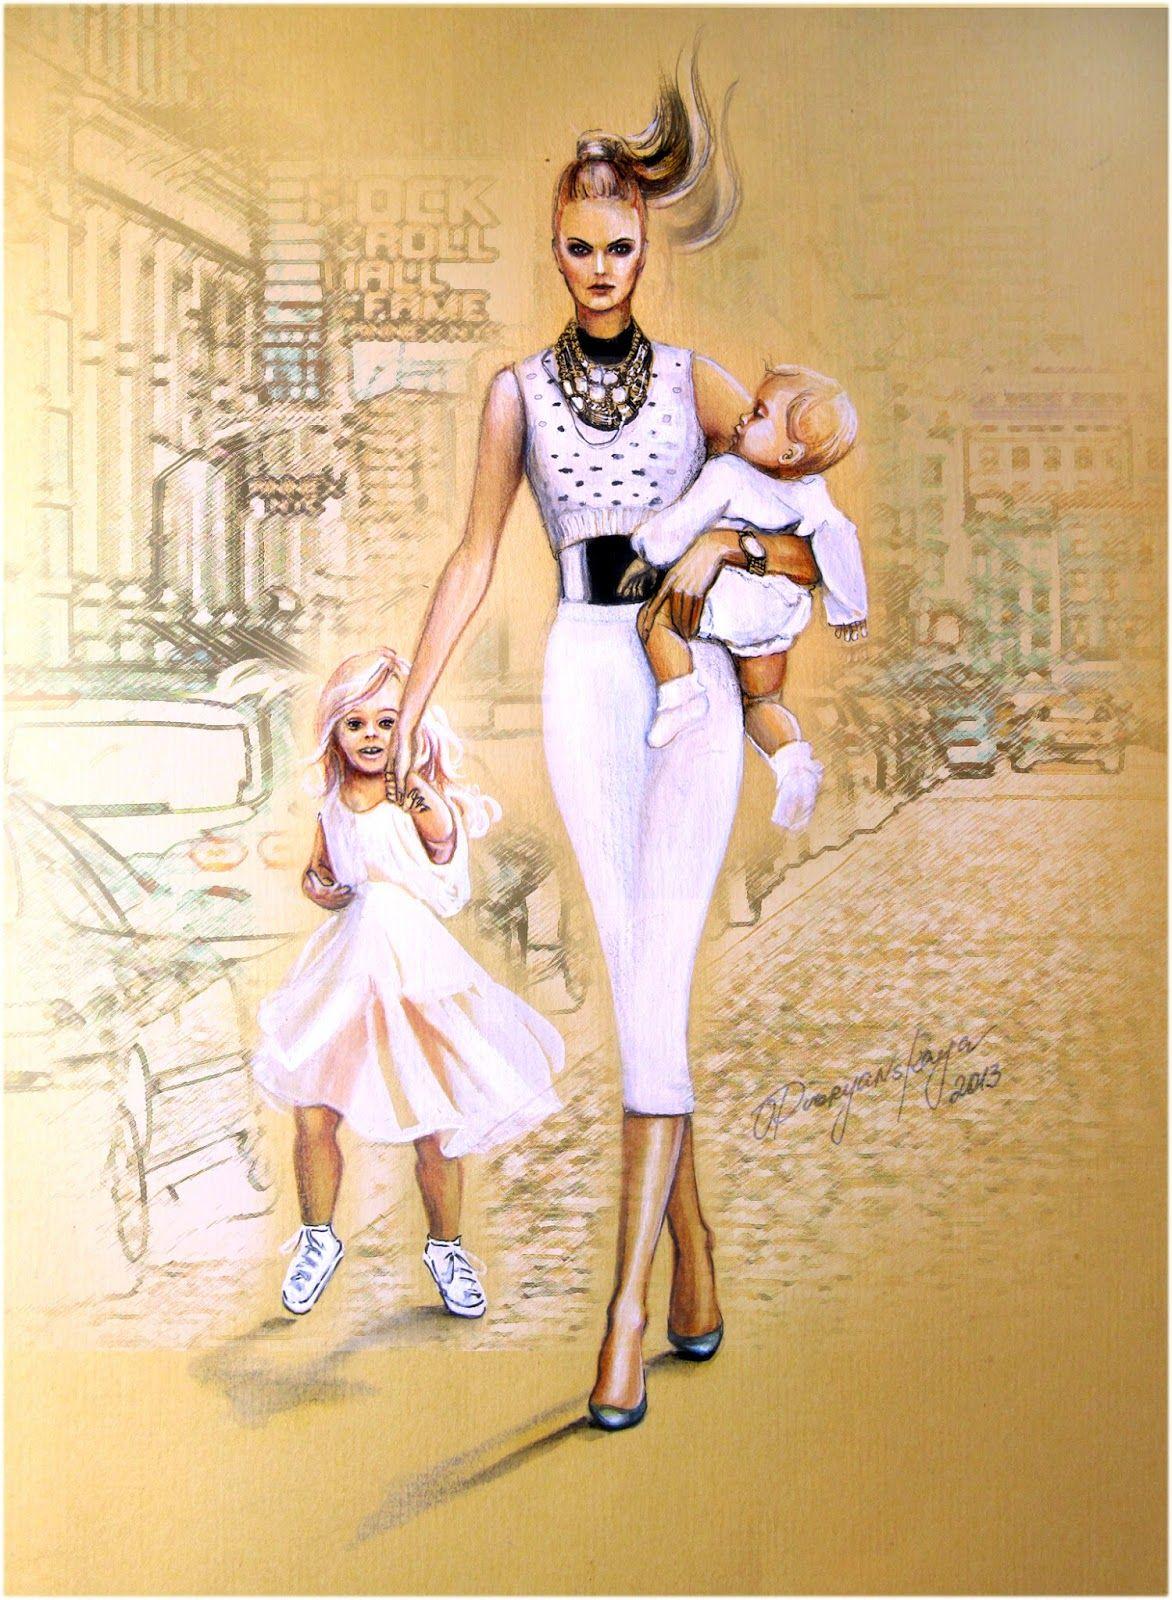 этого она картинки фэшн иллюстрации мама и дочь роспотребнадзора верит страшилки